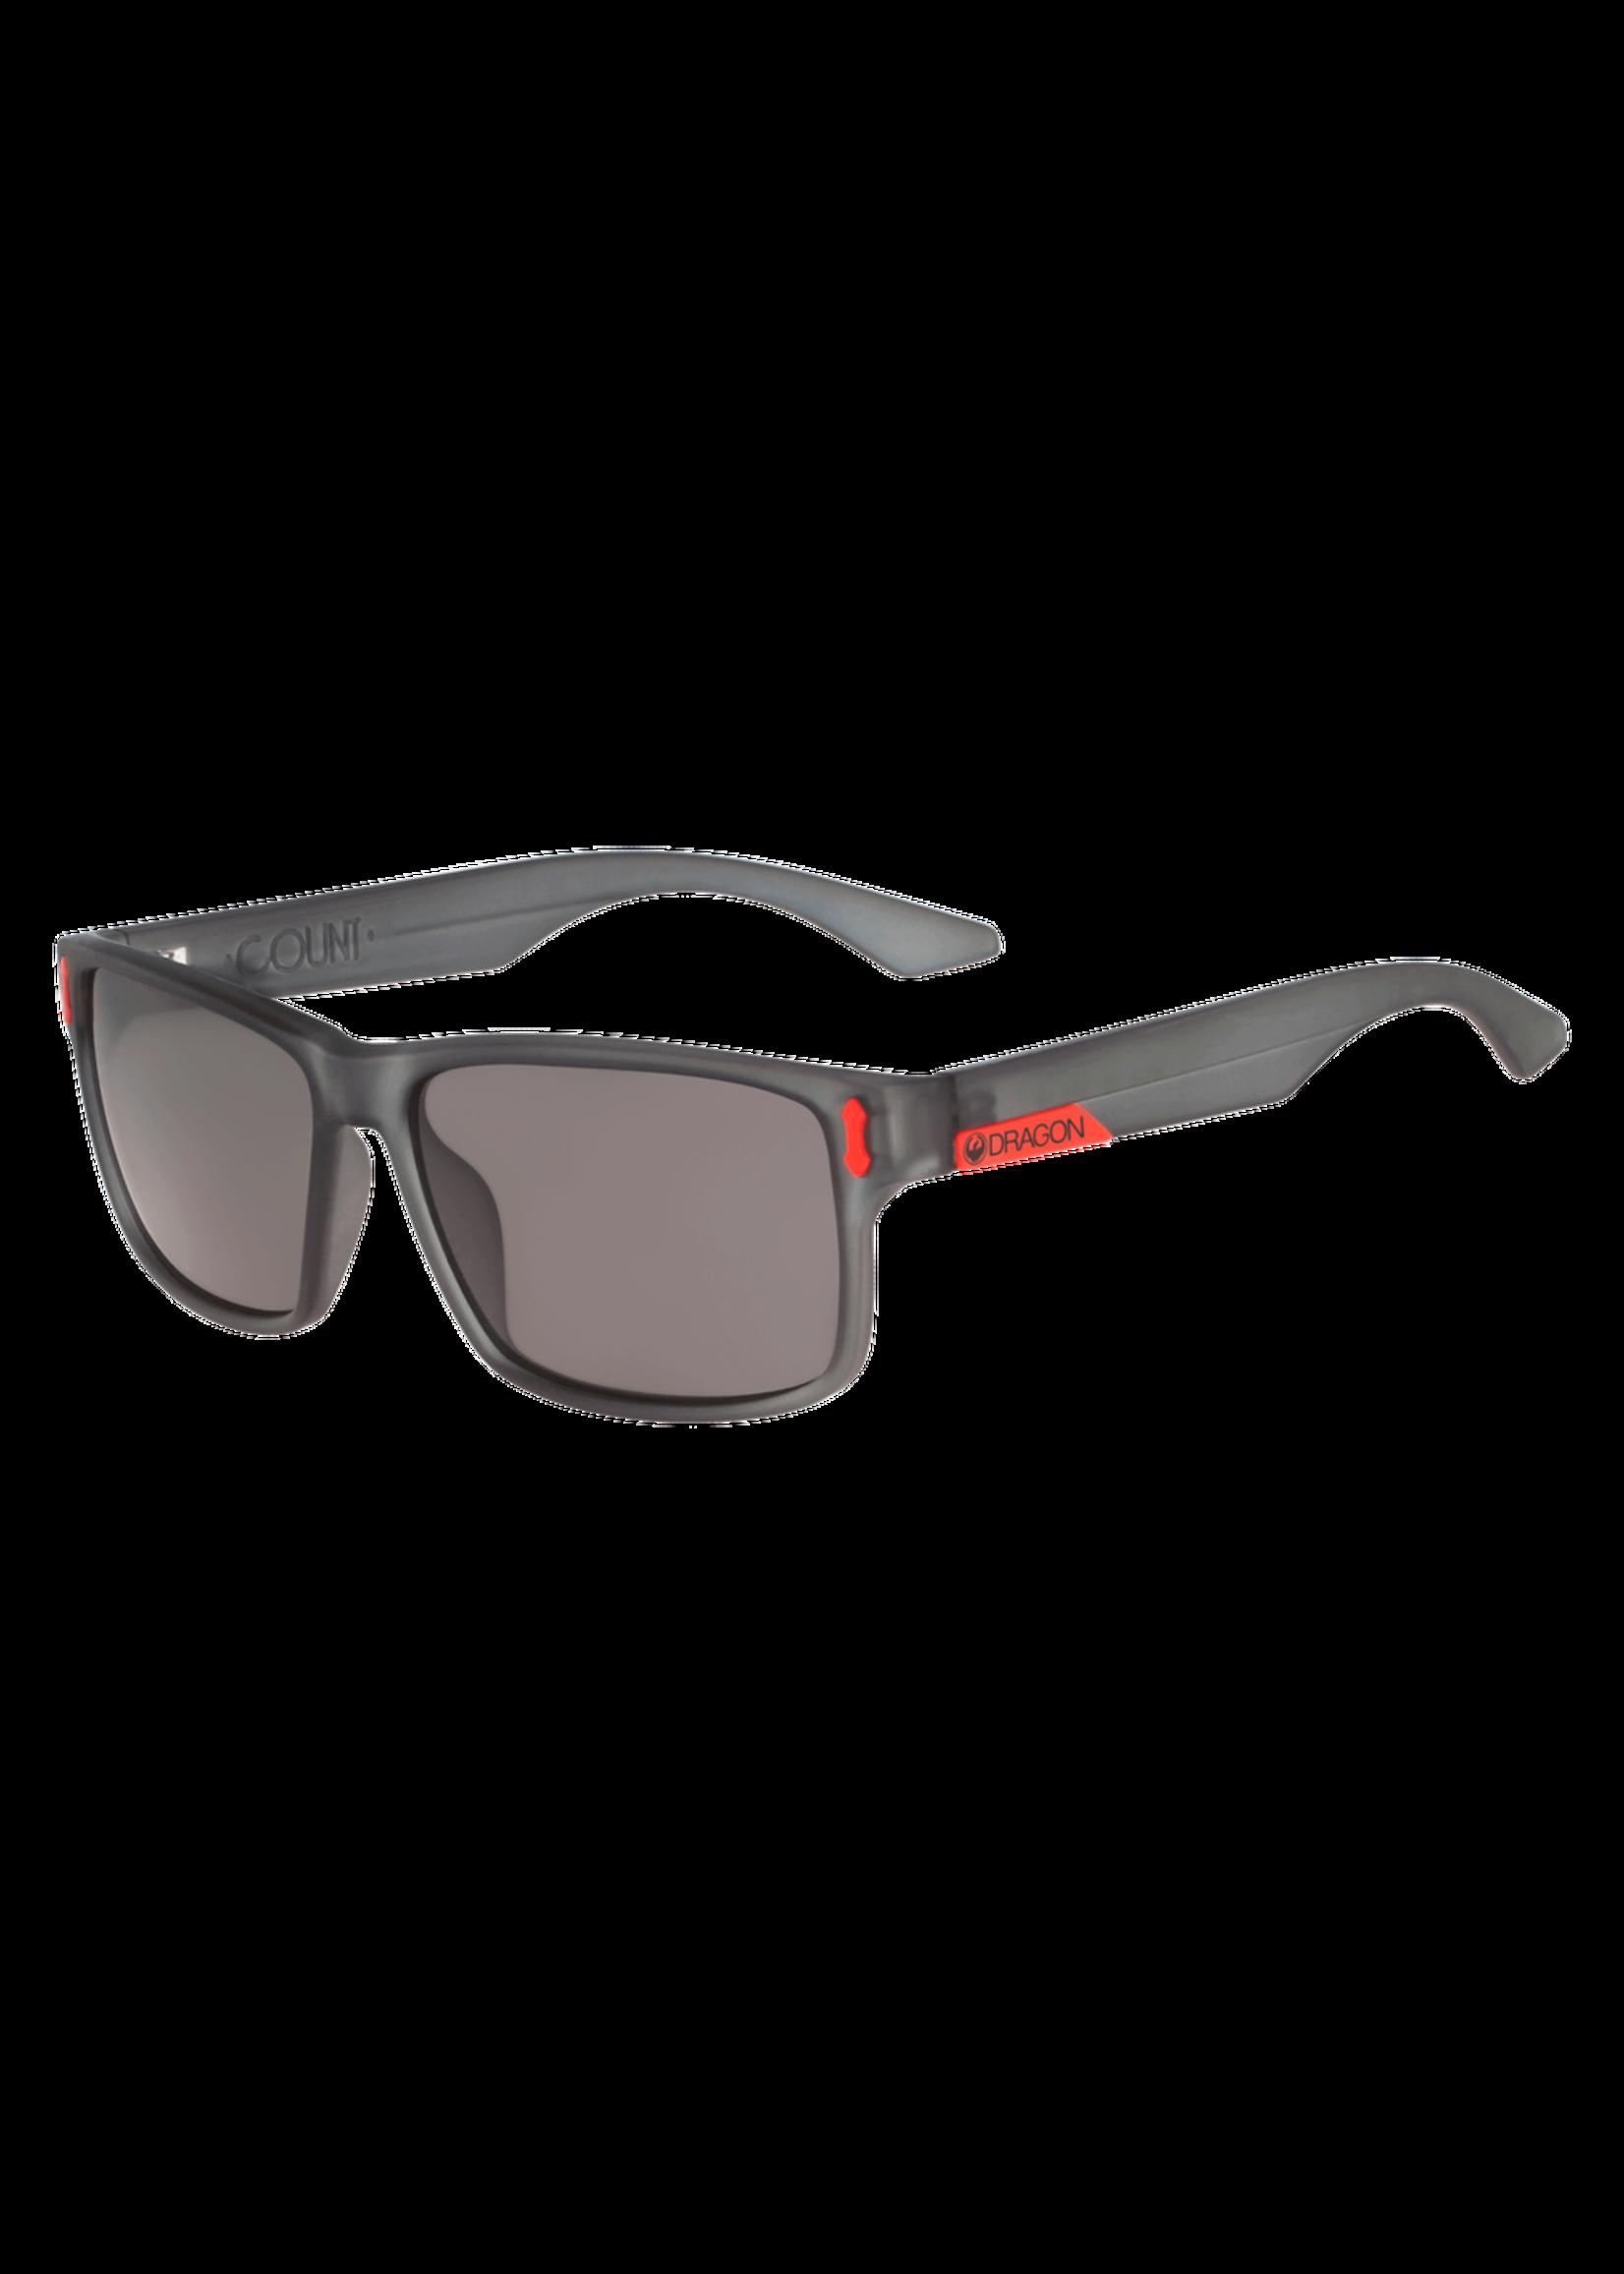 Dragon Dragon Count Lumalens Sunglasses